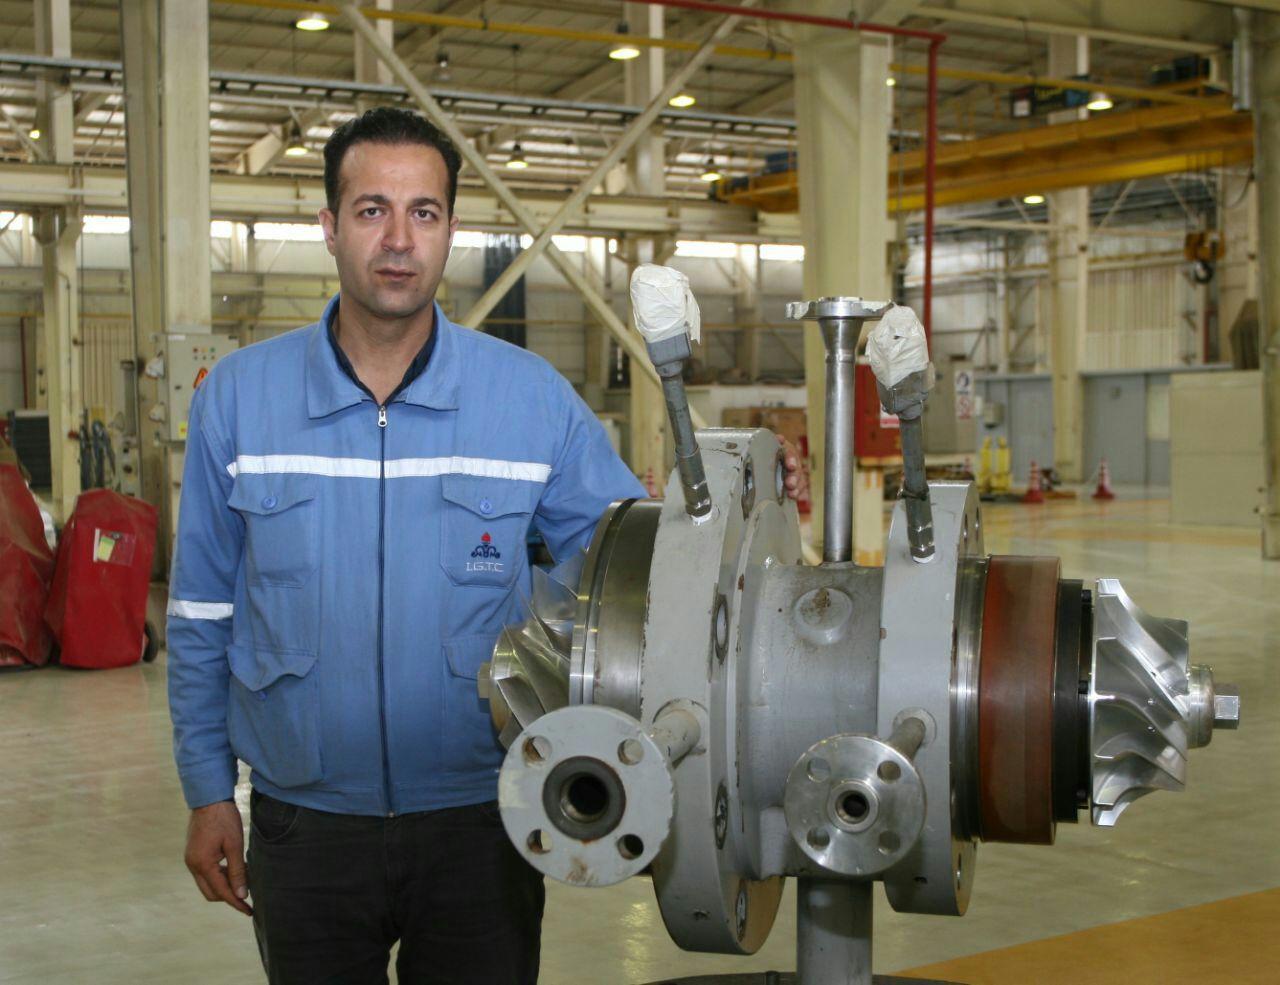 مسئول ماشین آلات دوار شرکت پالایش گاز ایلام عنوان کرد: ماشین آلات دوار نقش حیاتی در فرآیند تولید پایدار دارند